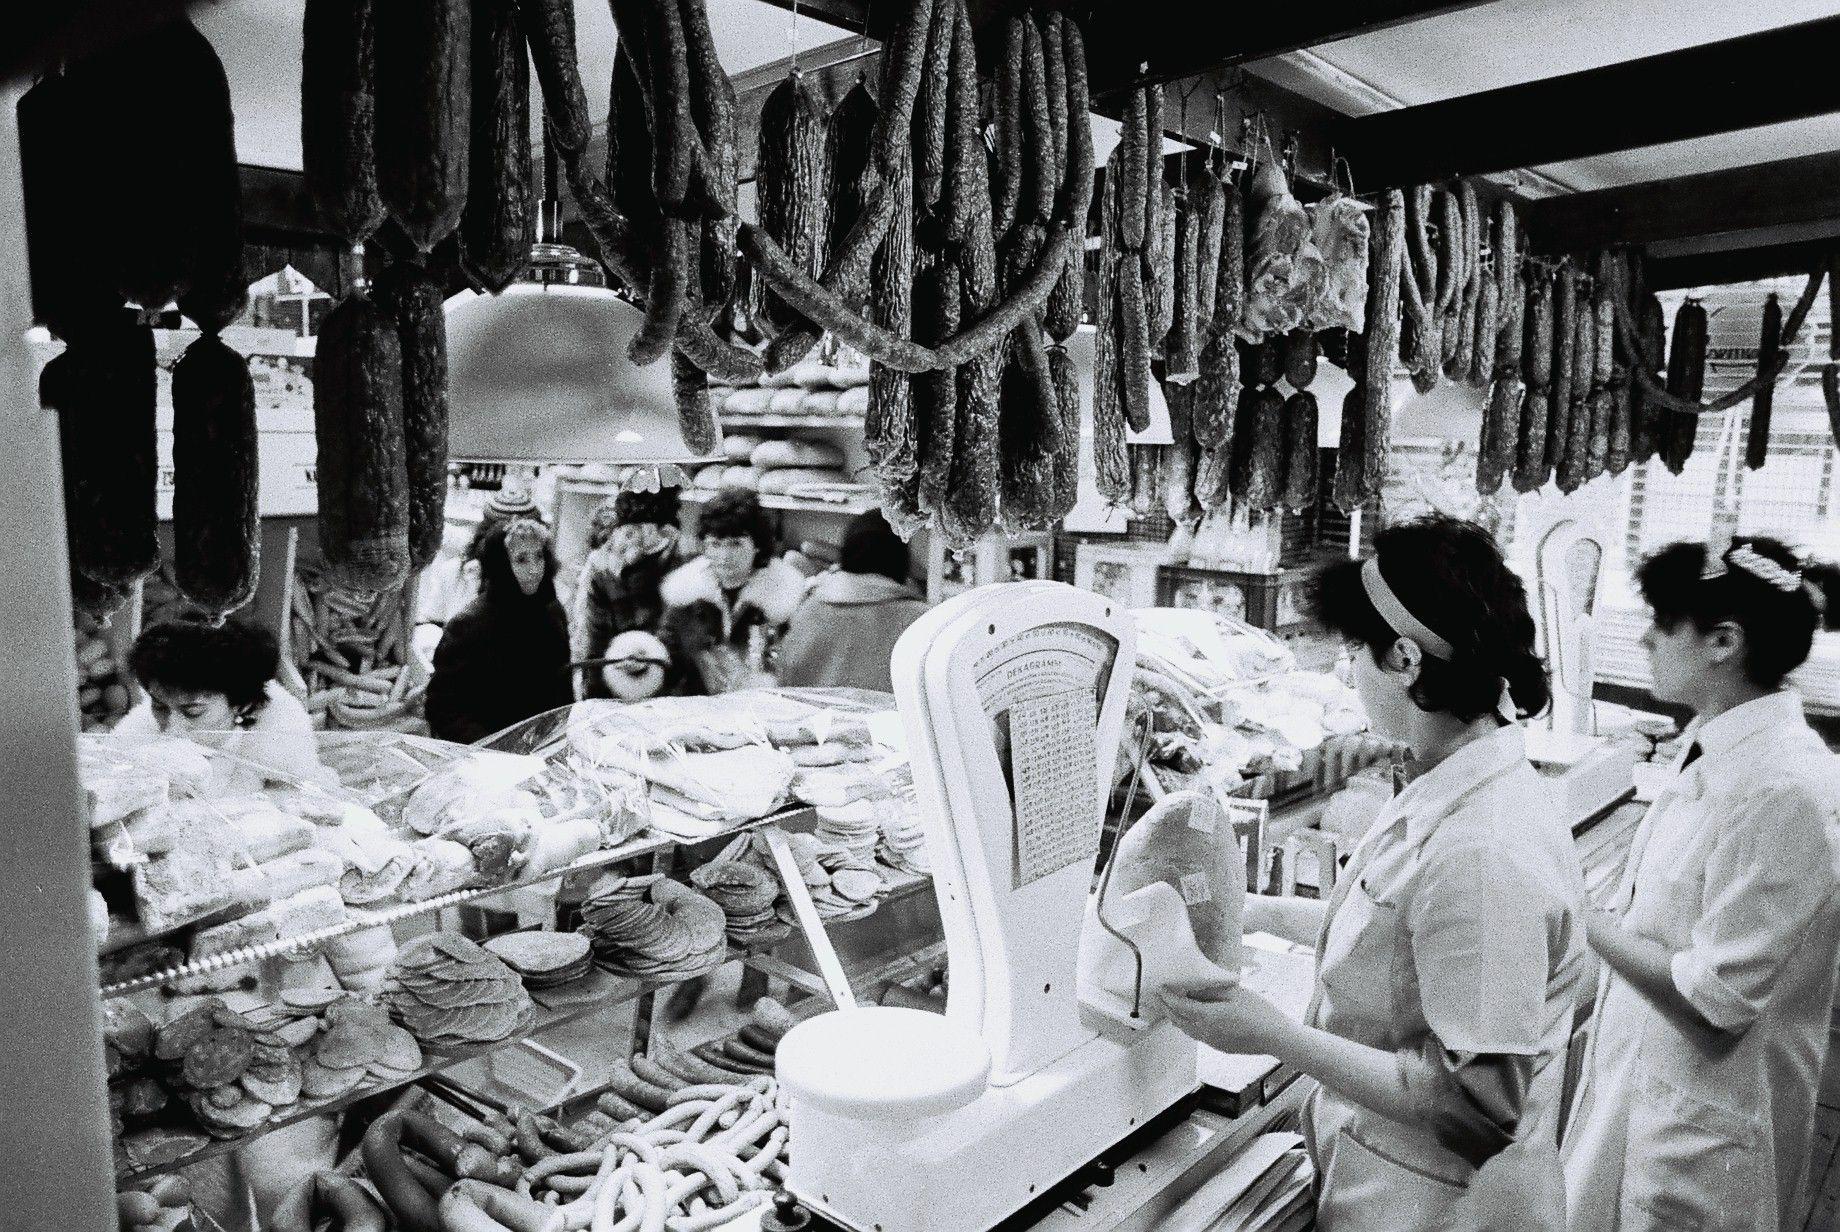 Rad ľudí pred mäsiarom, Debrecín, 1988.